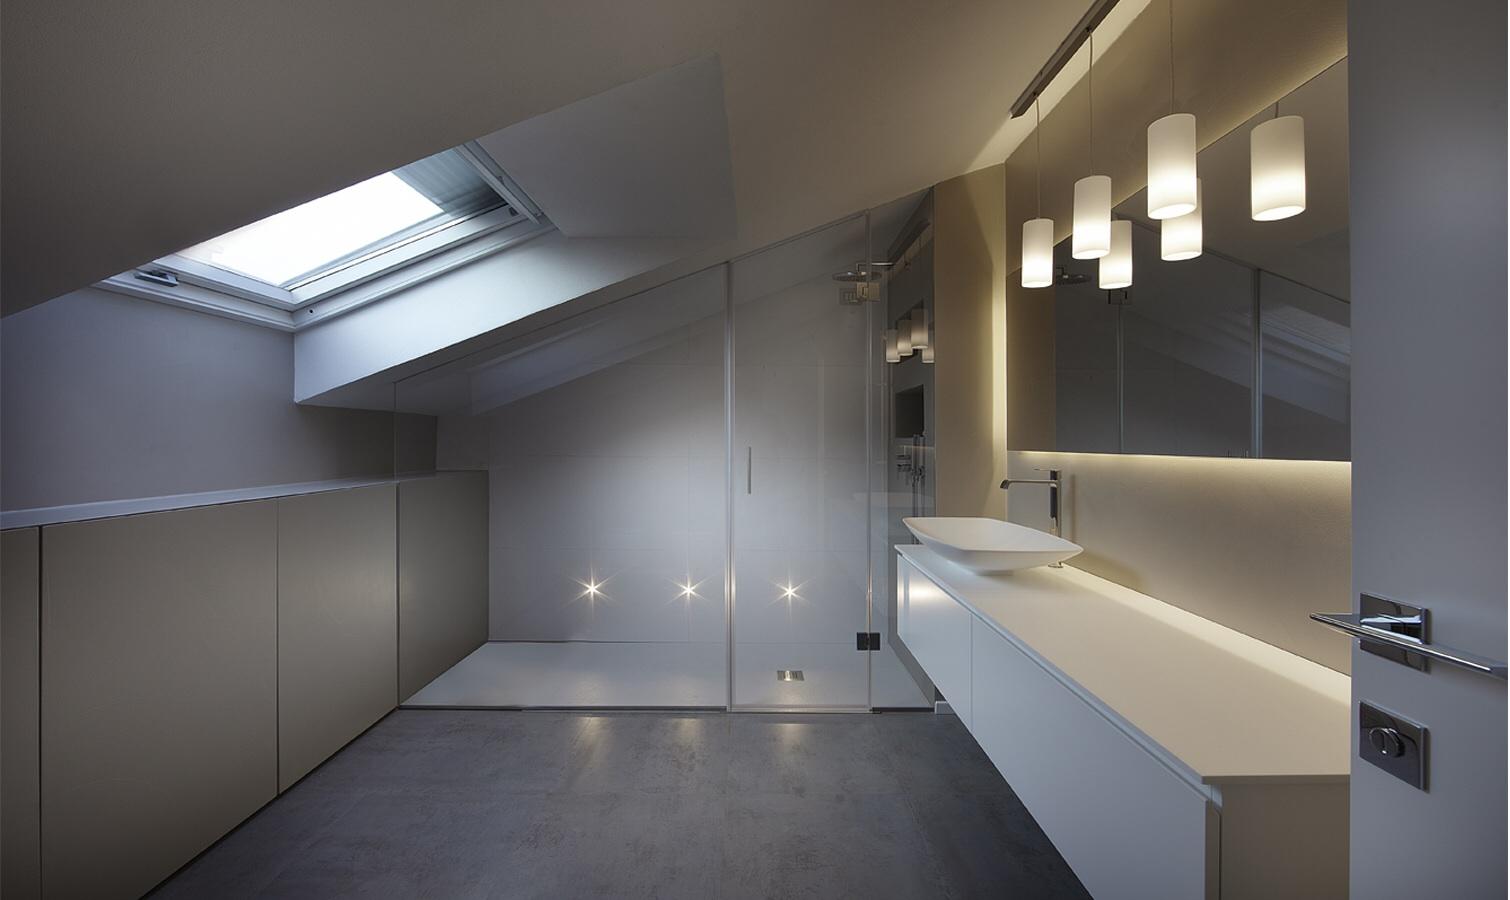 Bagni mansardati bagno in mansarda con parete decorata with bagni